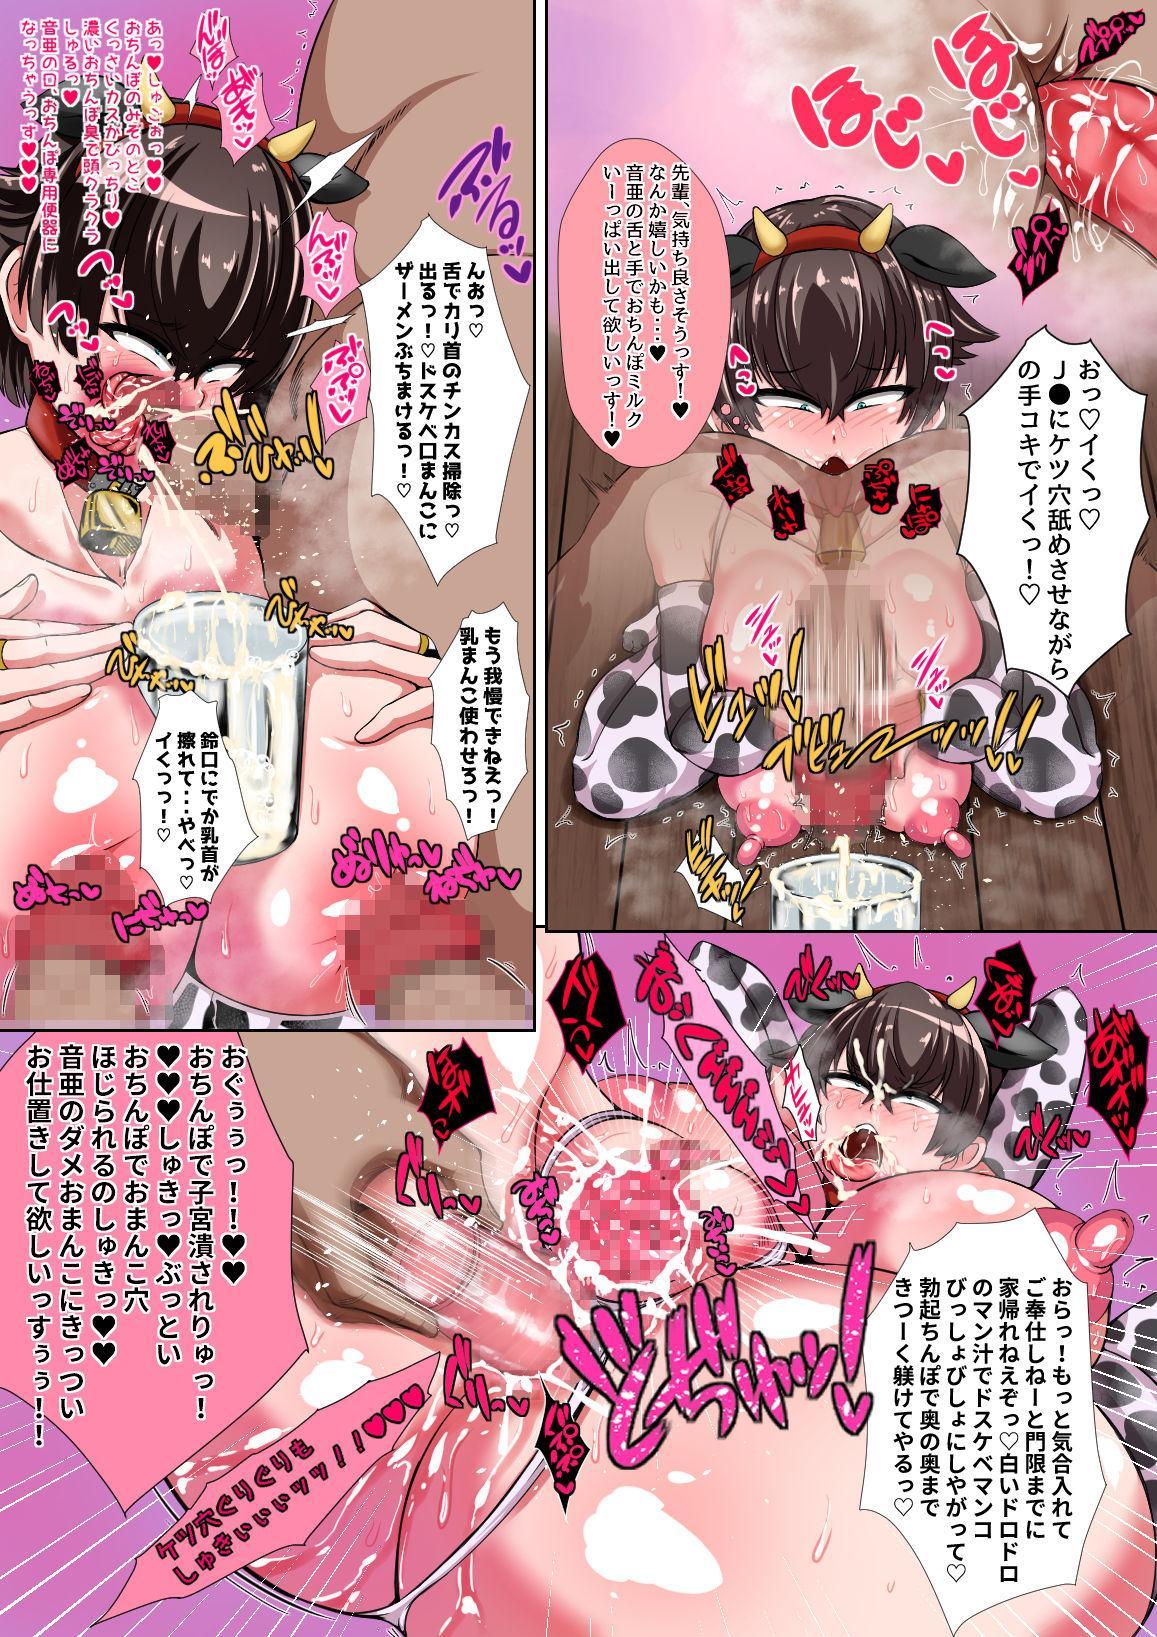 Metsuki wa Kowai ga Karada wa Eroi!! Sanpakugan Dosukebe Megutai no Do-M Mane ga SeJiru Mamire de Buin Zenin to Zubozubo Pakopako shimakuru Ohanashi!! 17